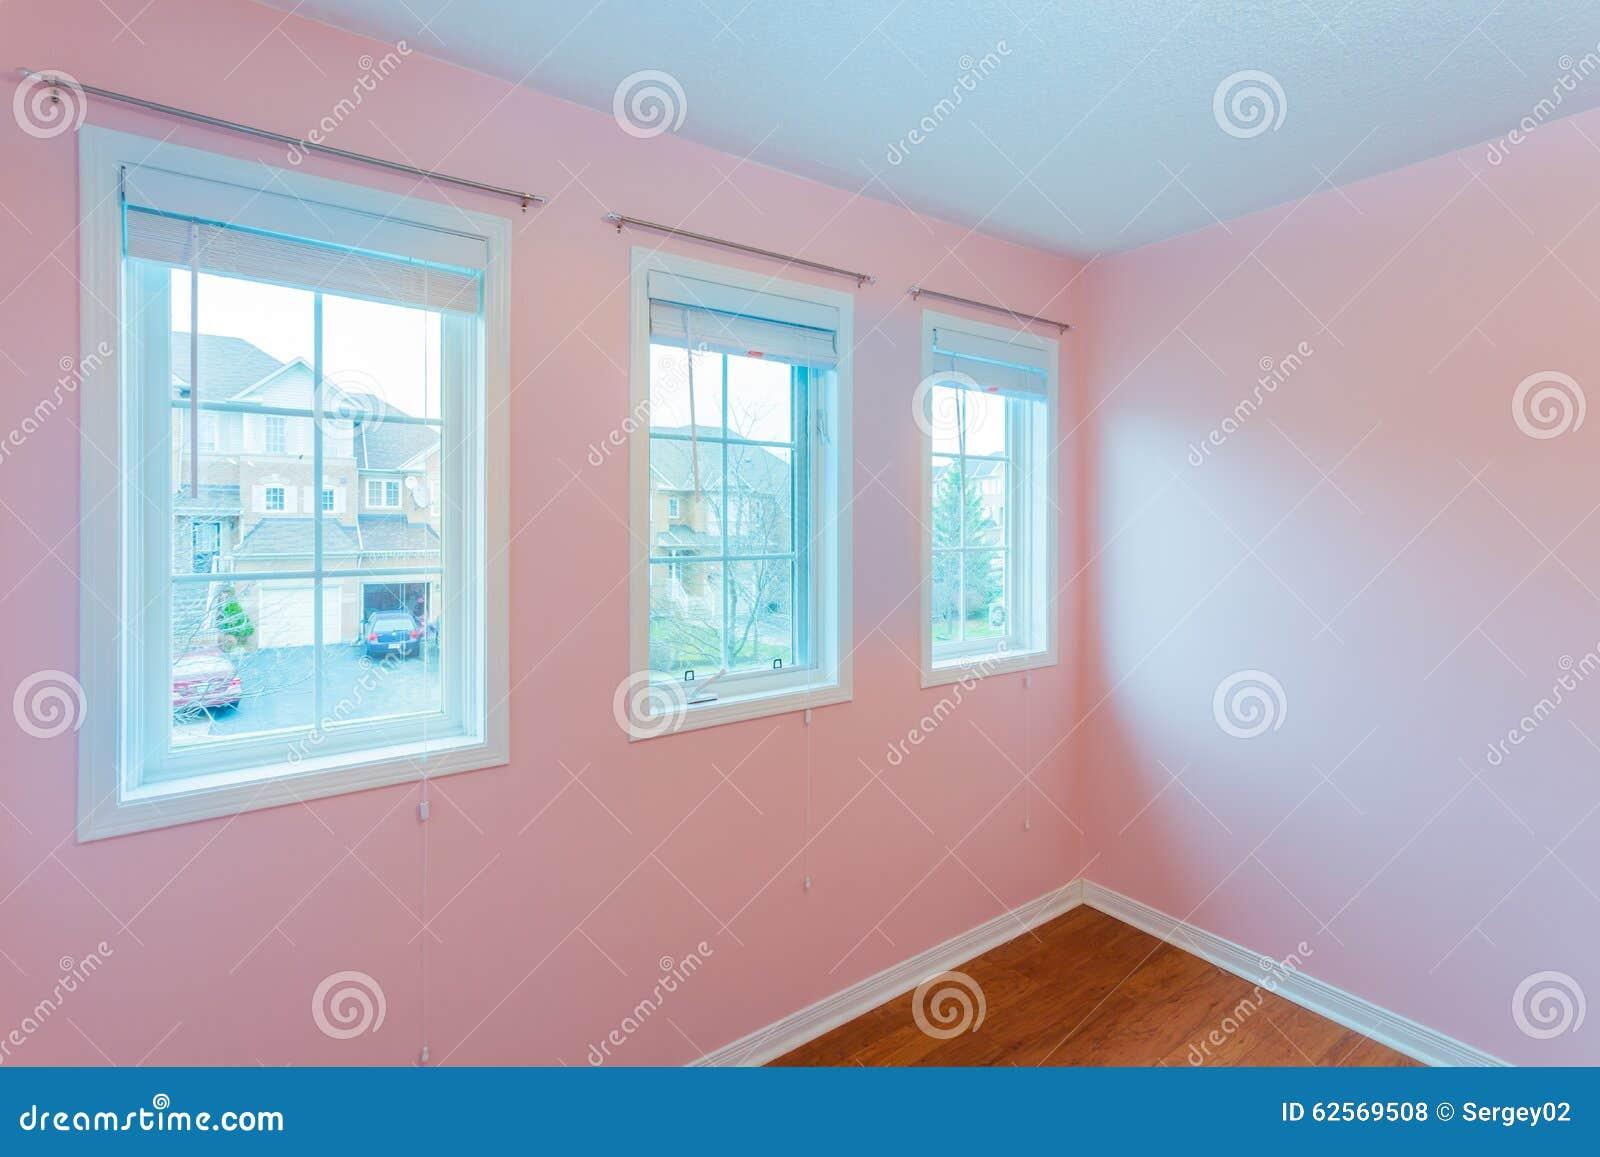 Chambre Bebe Jaune Gris :  images similaires à ` Chambre à coucher vide dans la couleur rose